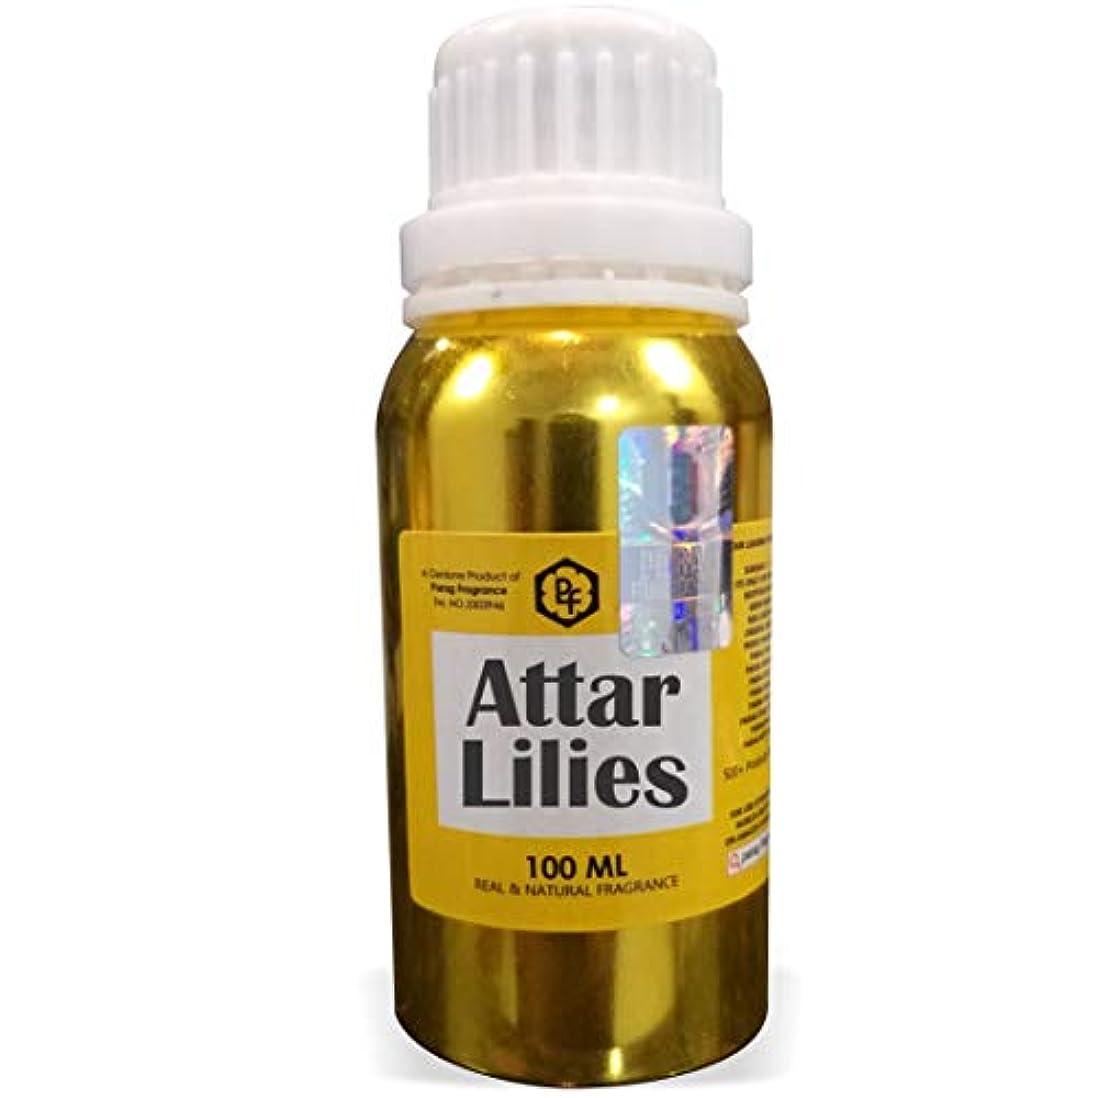 剃る乱暴な本物のParagフレグランスユリアター100ミリリットル(男性用アルコールフリーアター)香油| 香り| ITRA